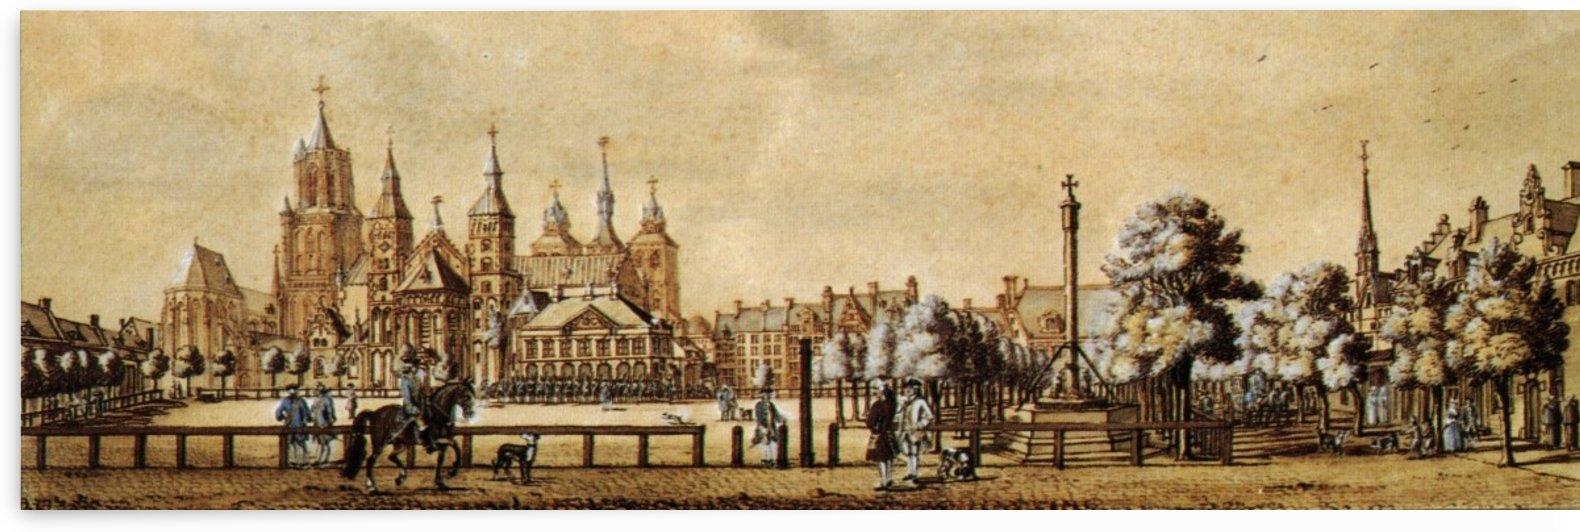 Vrijthof, Maastricht, 1750 by Jan de Beijer